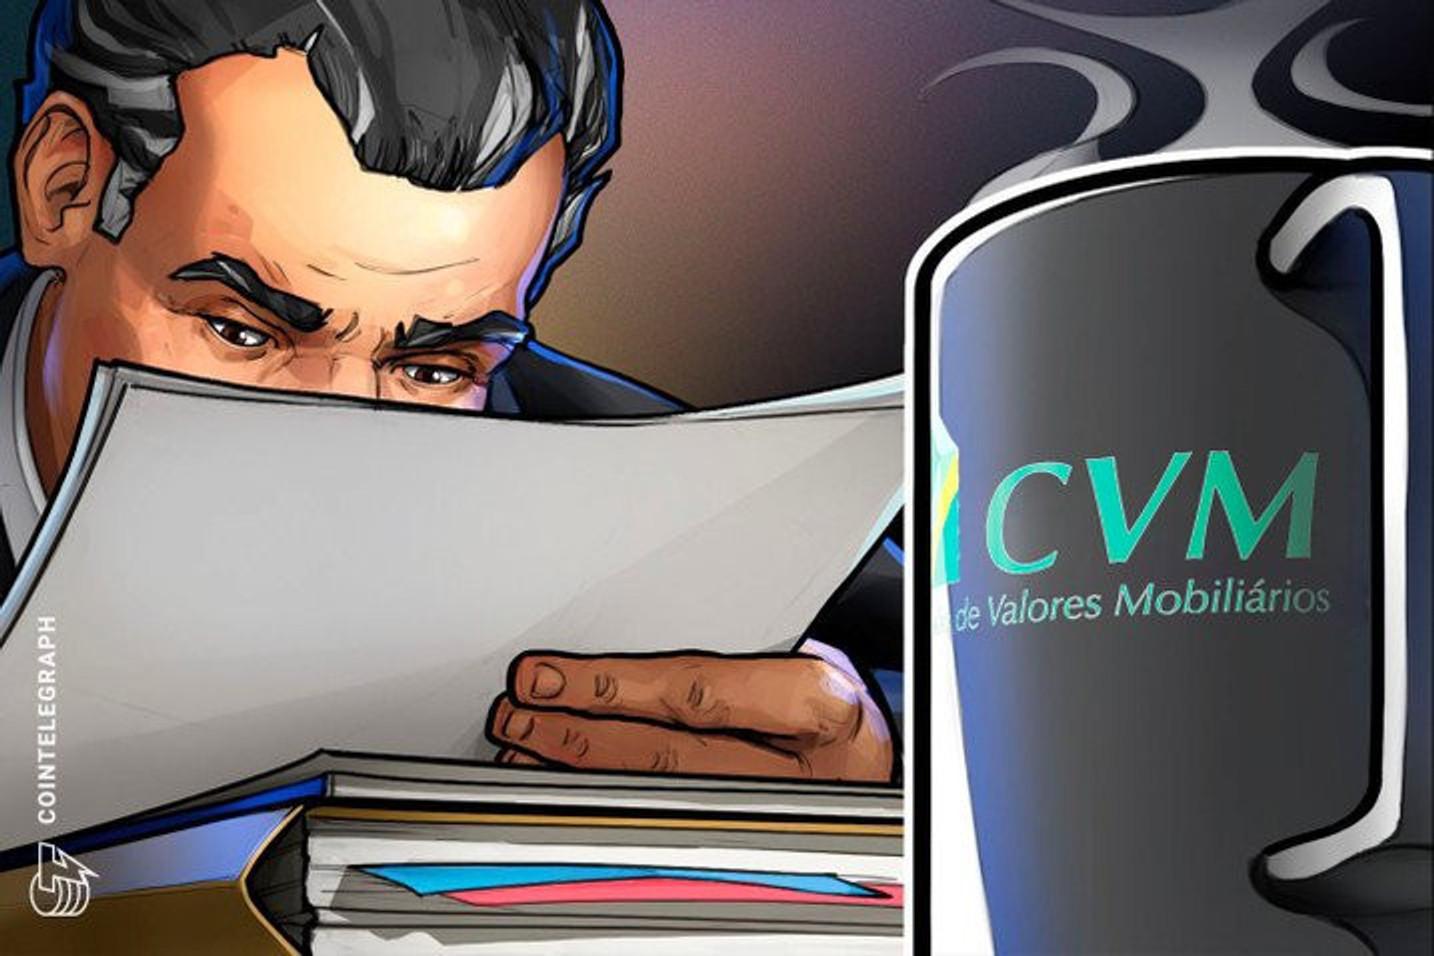 CVM quer 'popularizar' educação financeira com multiplicadores de conteúdo